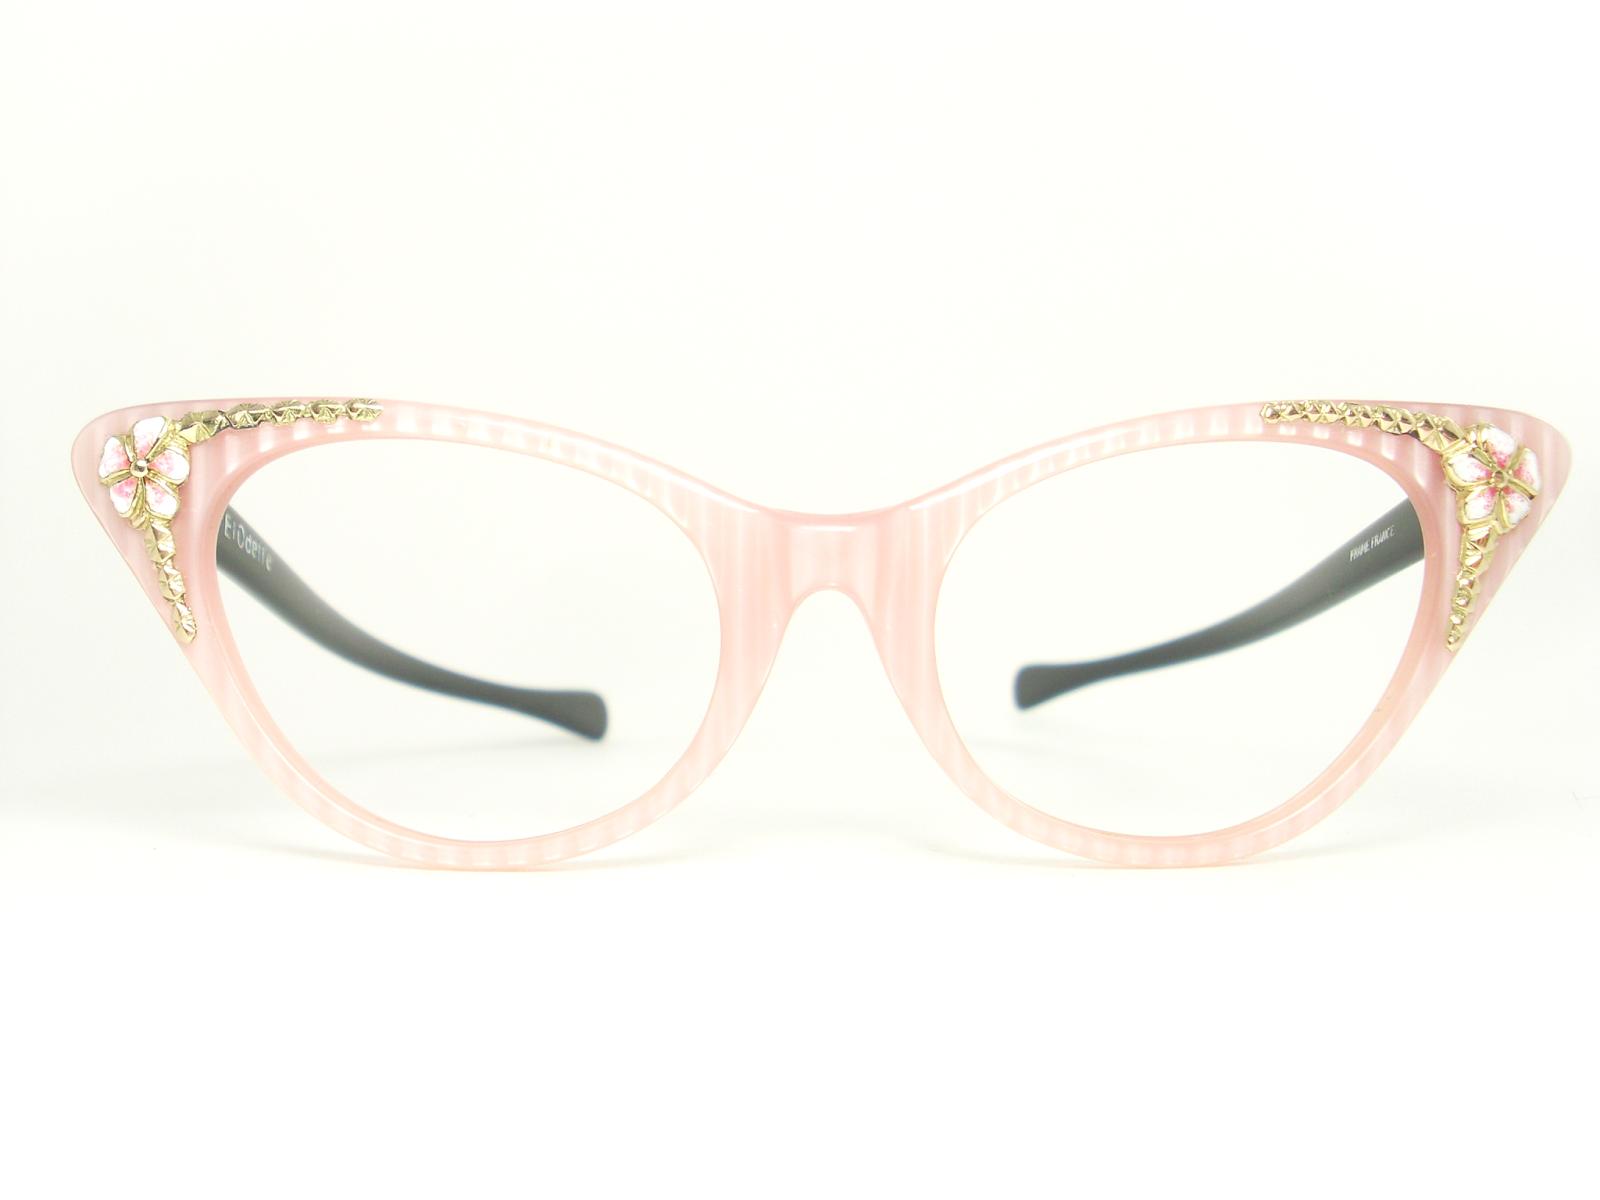 Glasses Frame Vintage : Vintage Eyeglasses Frames Eyewear Sunglasses 50S: VINTAGE ...